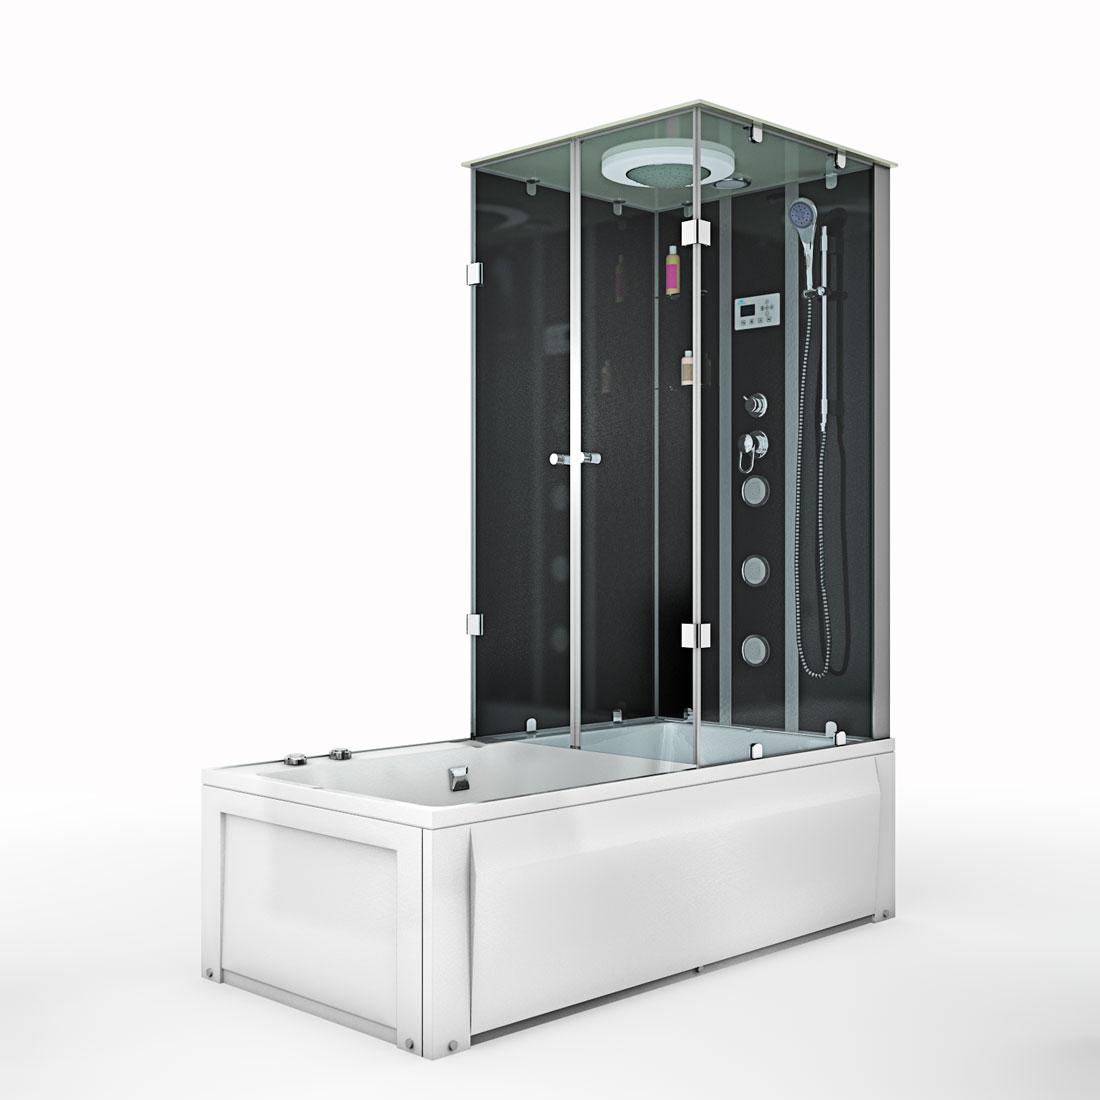 acquavapore dtp50 a303l dusch wannen kombi in 180x90cm. Black Bedroom Furniture Sets. Home Design Ideas